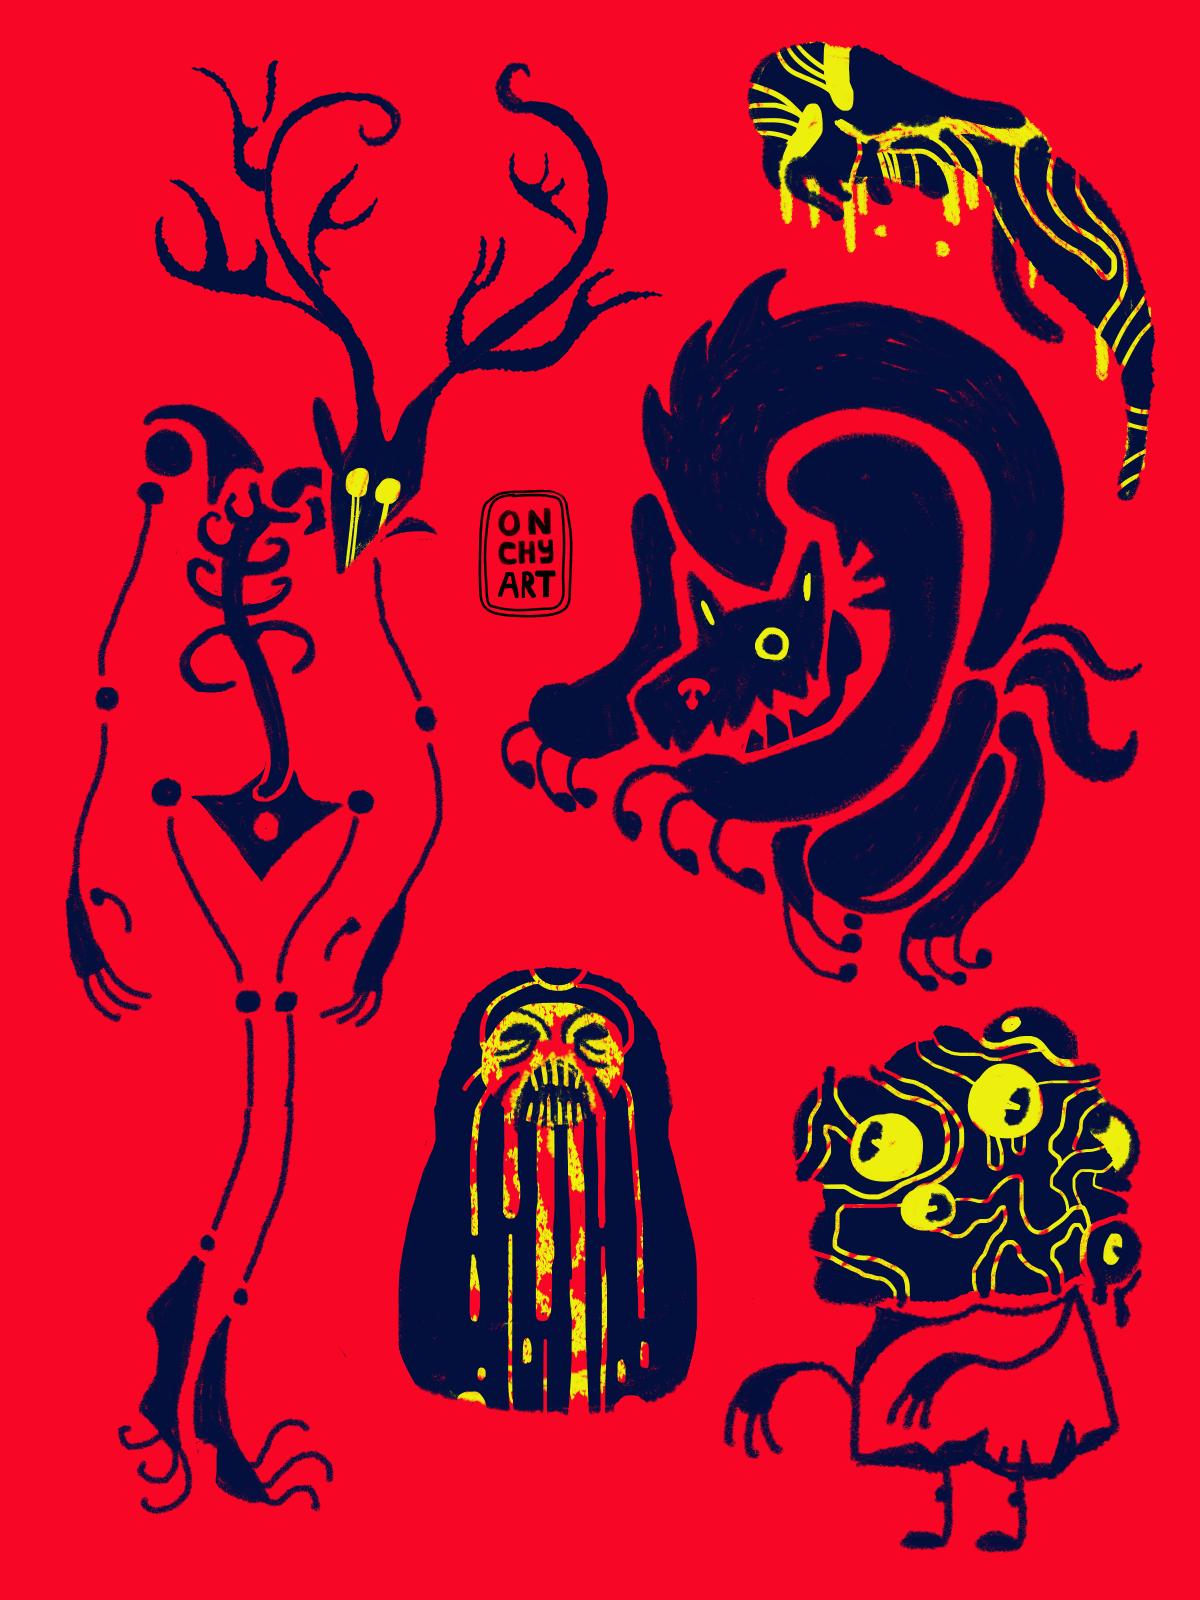 concept Digital Art  horror ILLUSTRATION